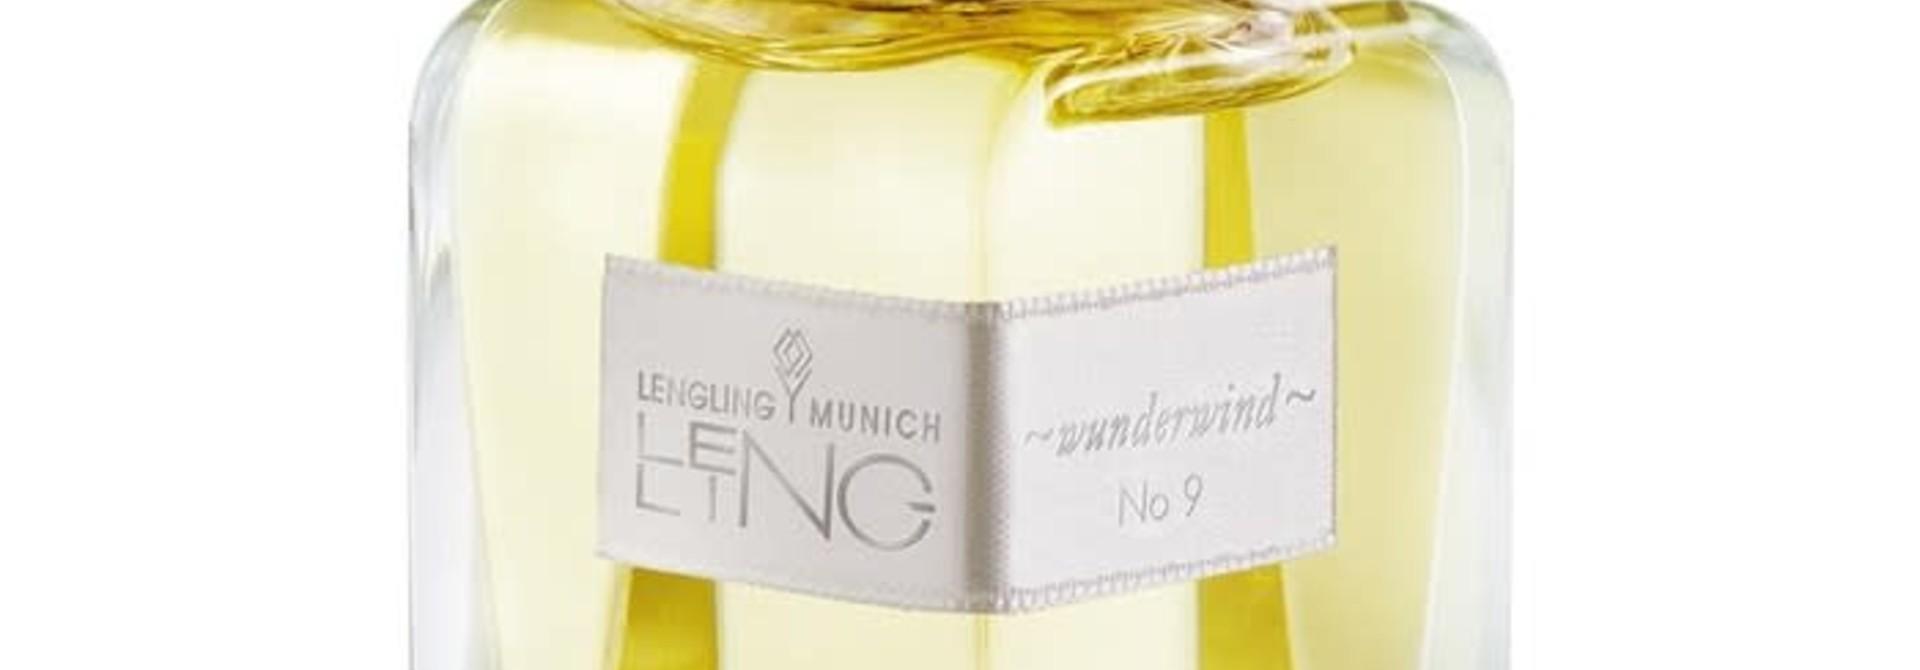 No9 Wunderwind